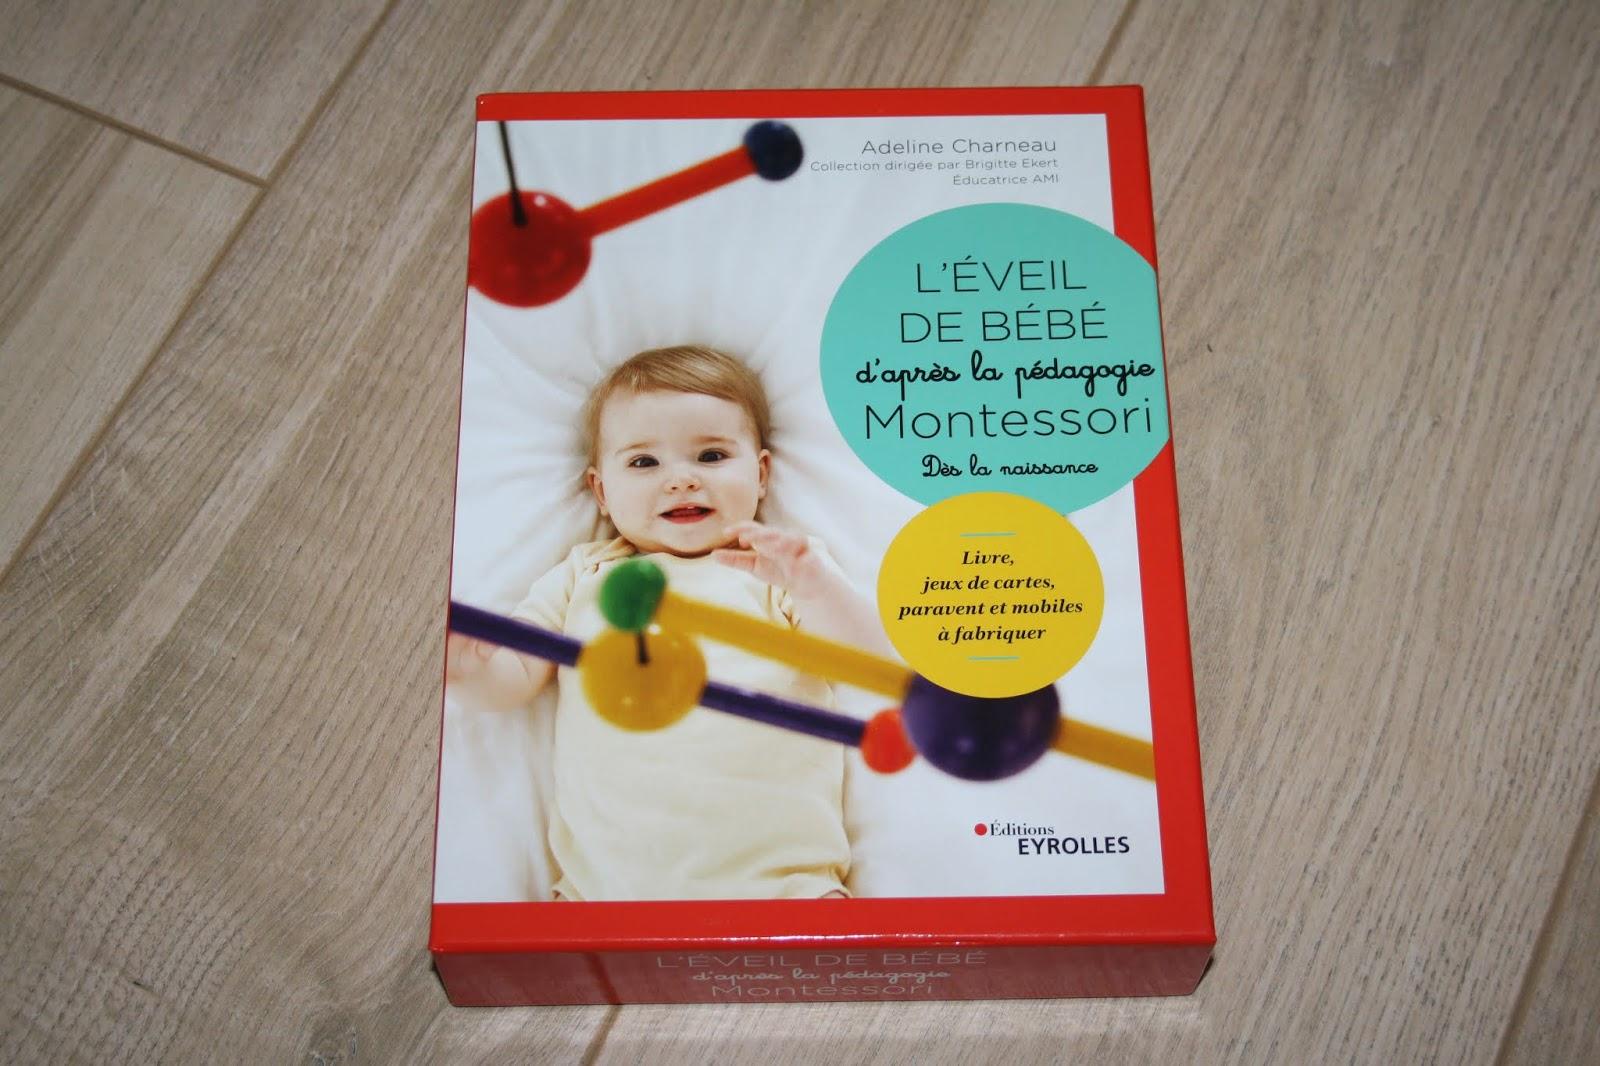 L Eveil De Bebe D Apres La Pedagogie Montessori Des Editions